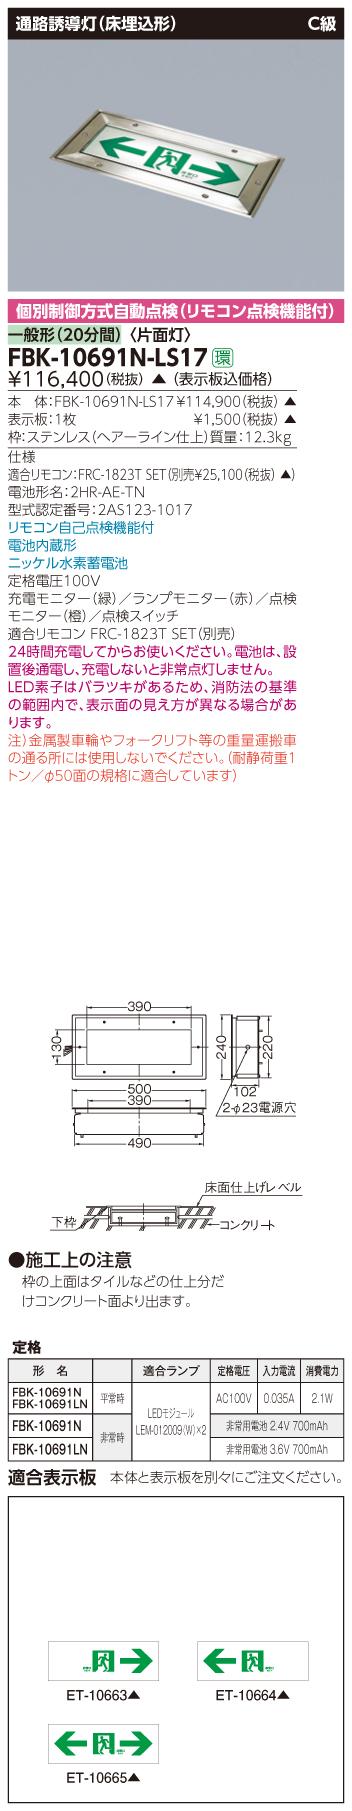 【法人様限定】東芝 FBK-10691N-LS17 LED誘導灯 床埋込形 電池内蔵 片面 C級 一般形(20分) 【表示板別売】